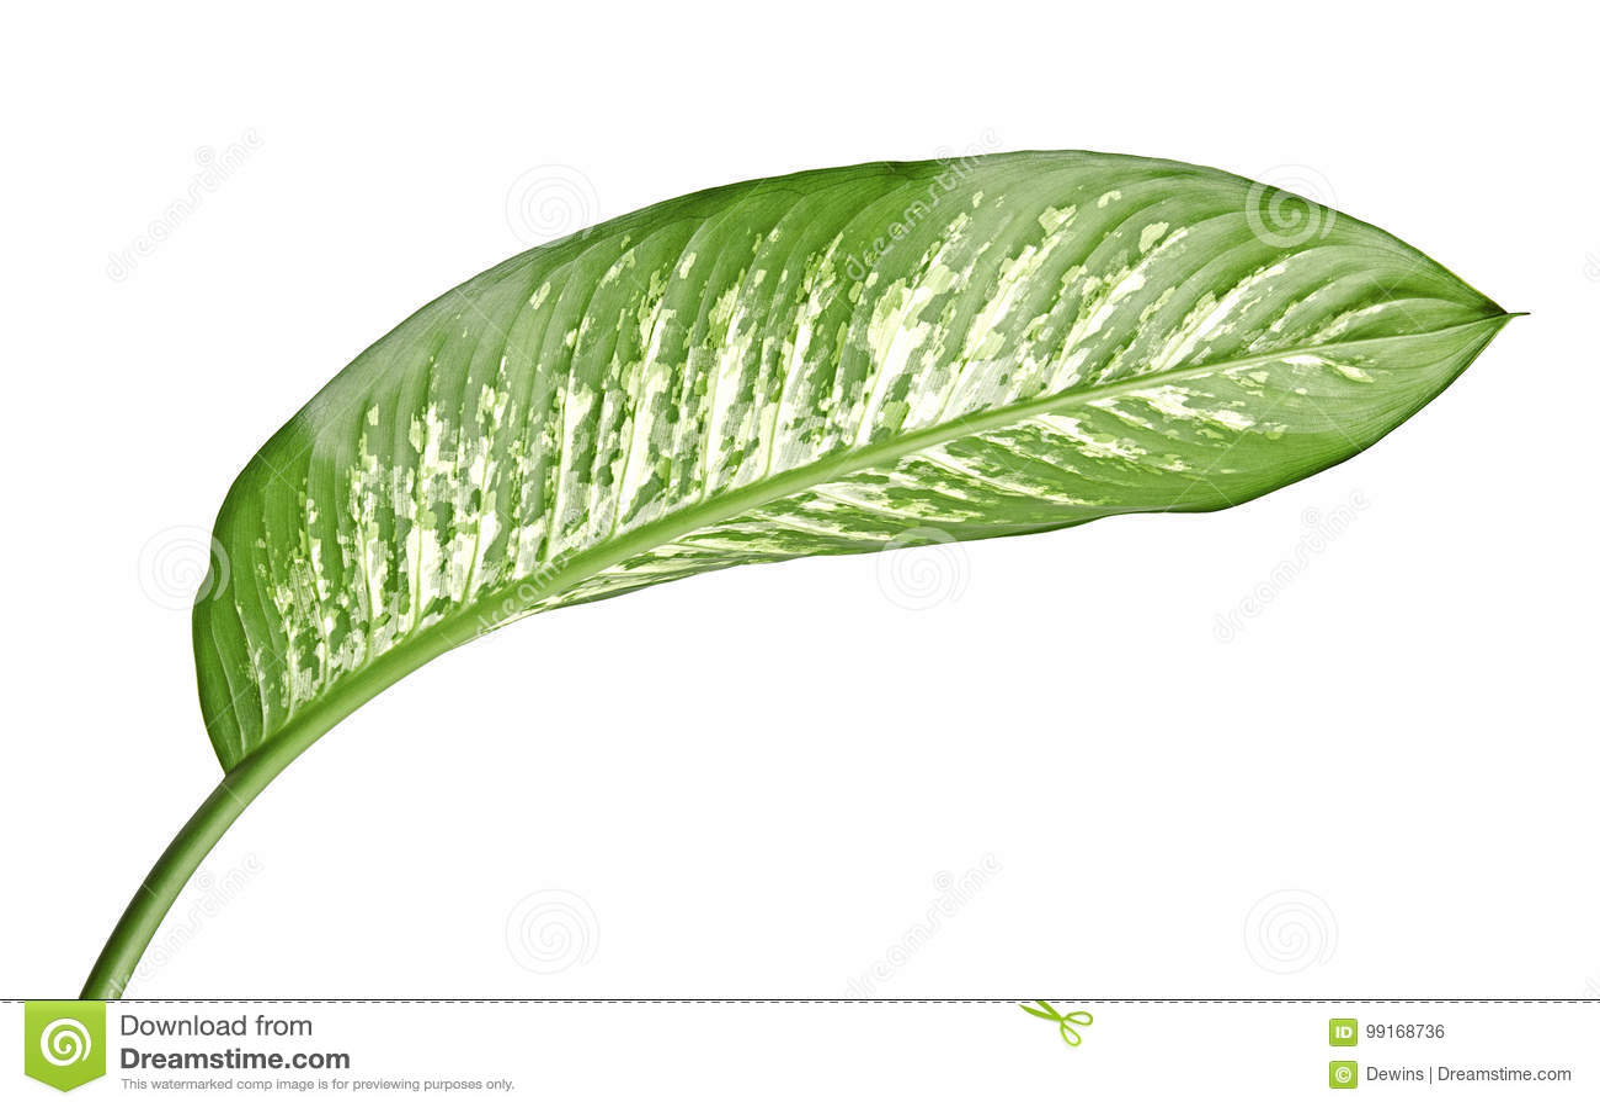 花叶万年青叶子沉默寡言的藤茎、绿色叶子包含白色斑点的和斑点,在白色背景隔绝的热带叶子